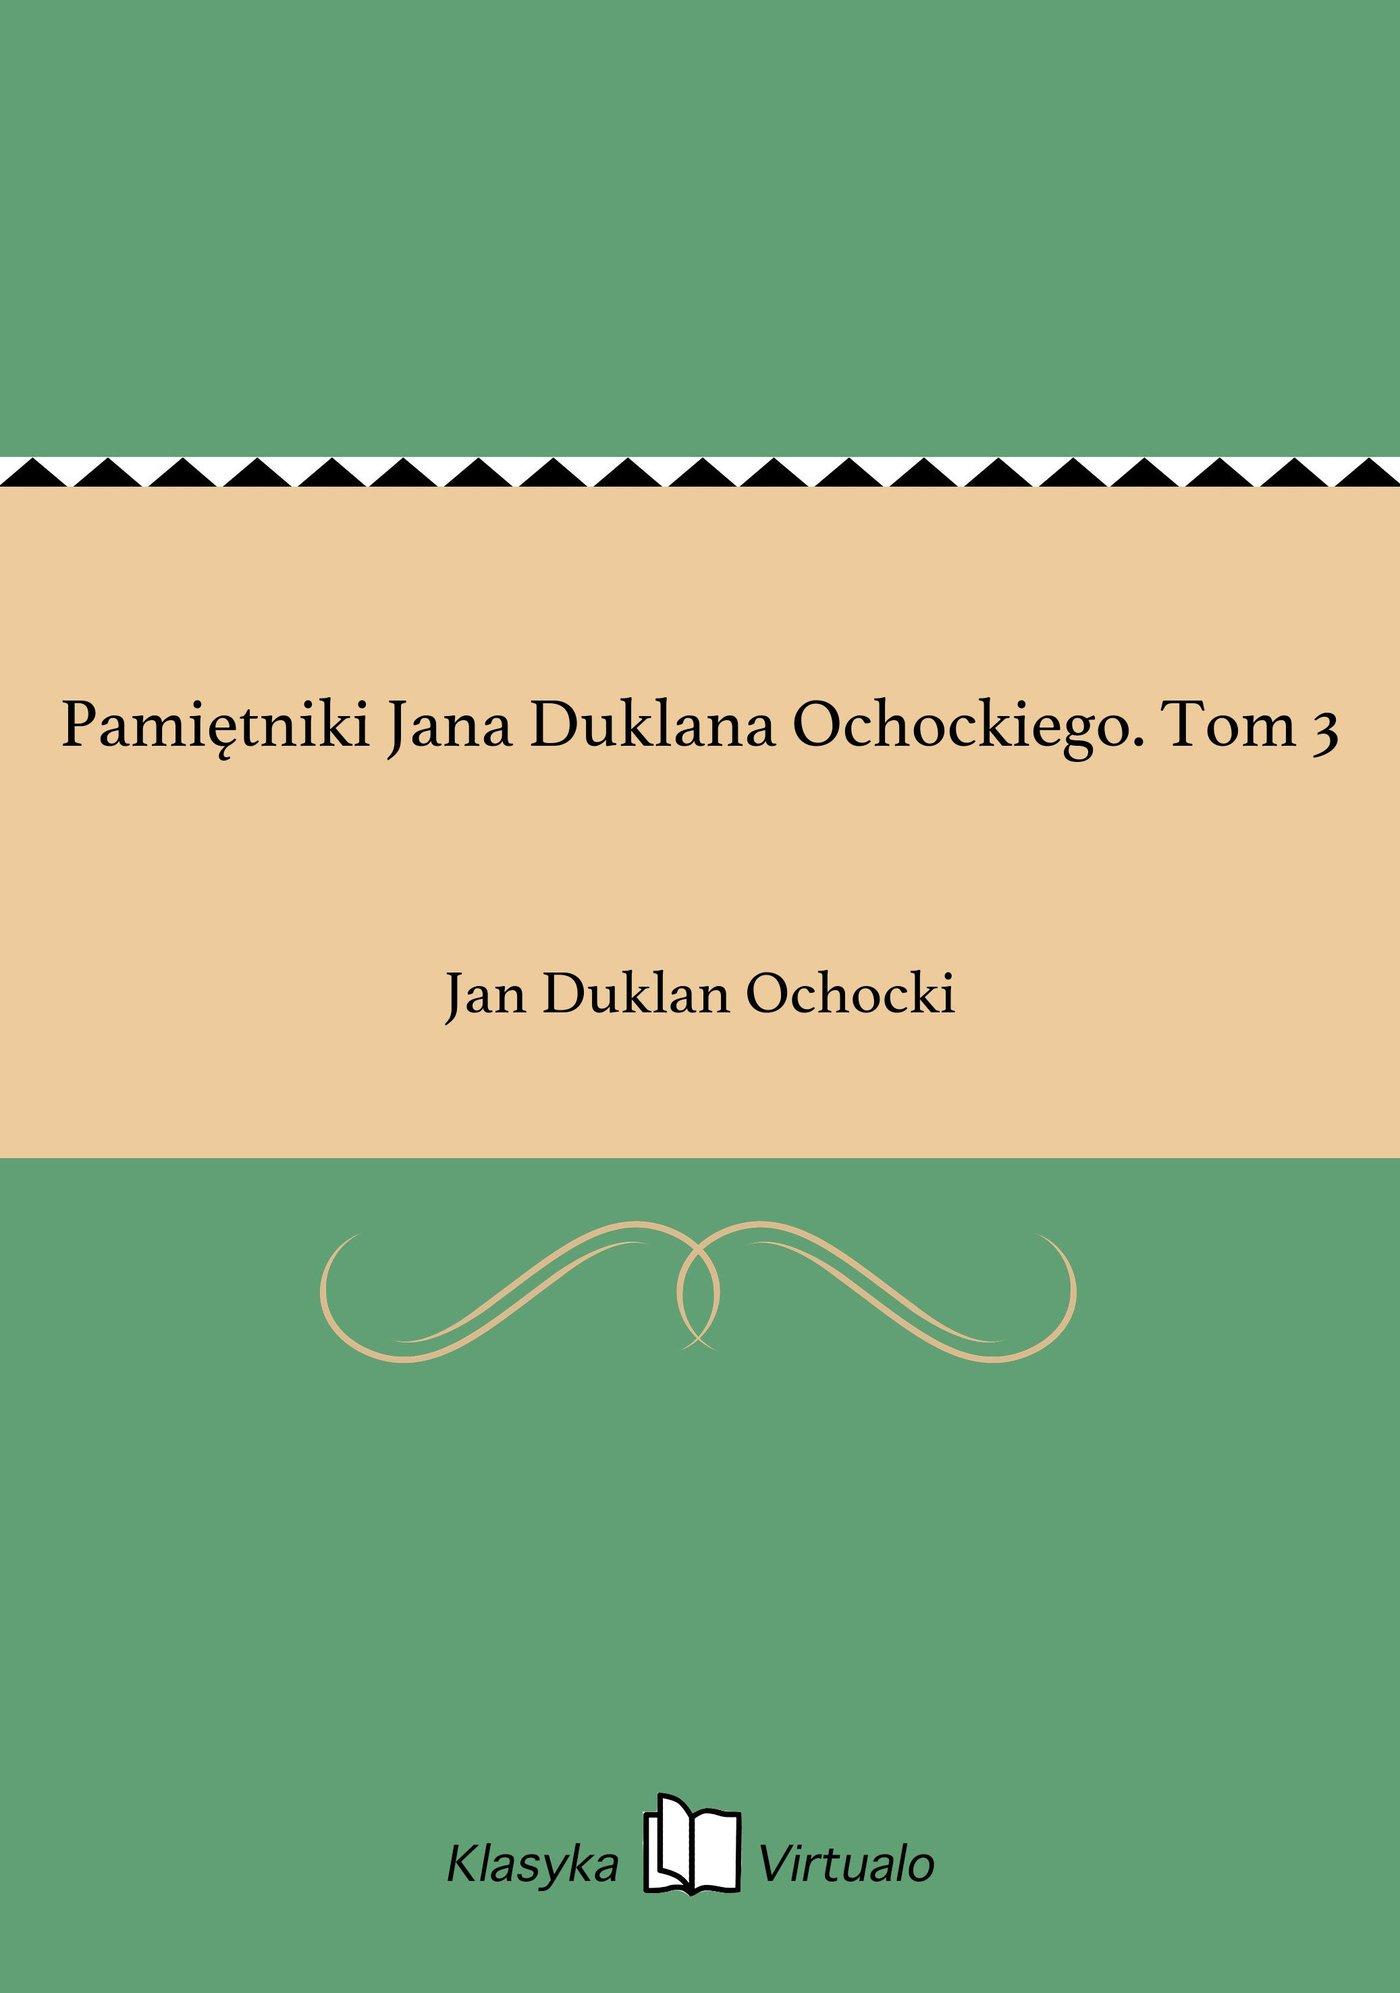 Pamiętniki Jana Duklana Ochockiego. Tom 3 - Ebook (Książka EPUB) do pobrania w formacie EPUB